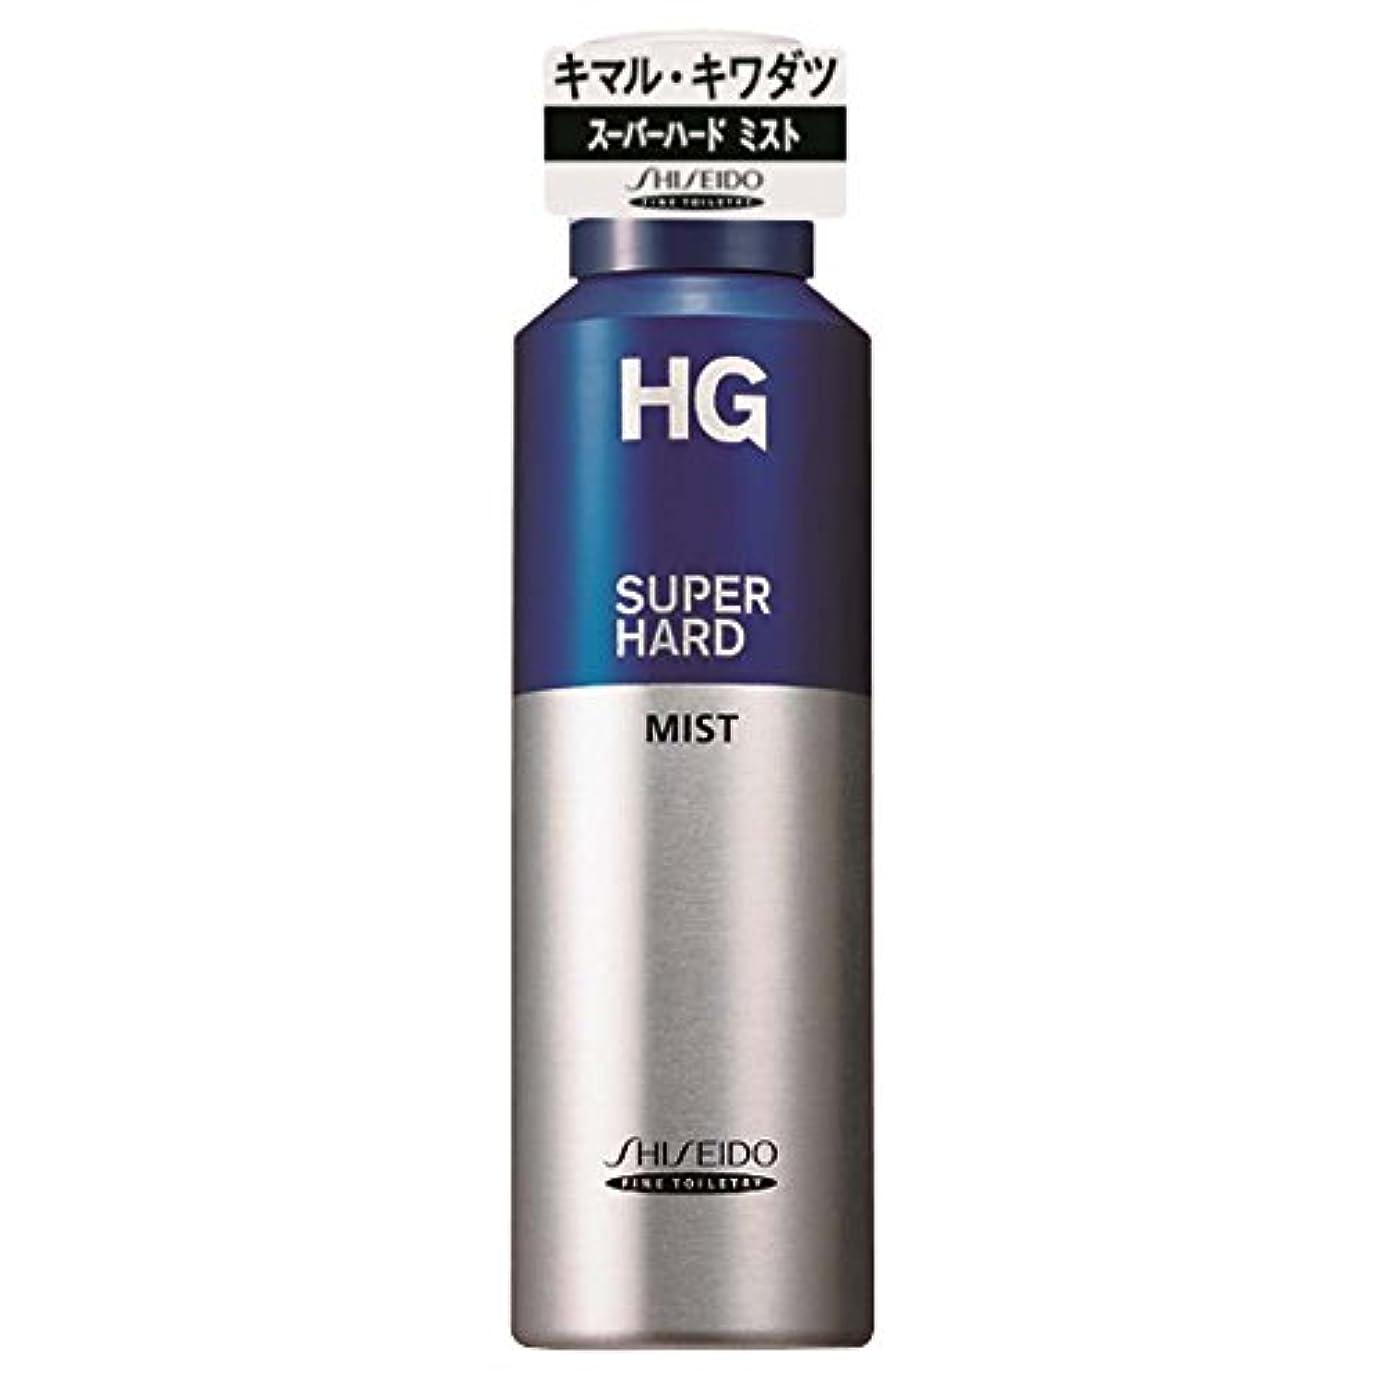 邪悪な強制フルーティーHG スーパーハードミストa 【HTRC3】